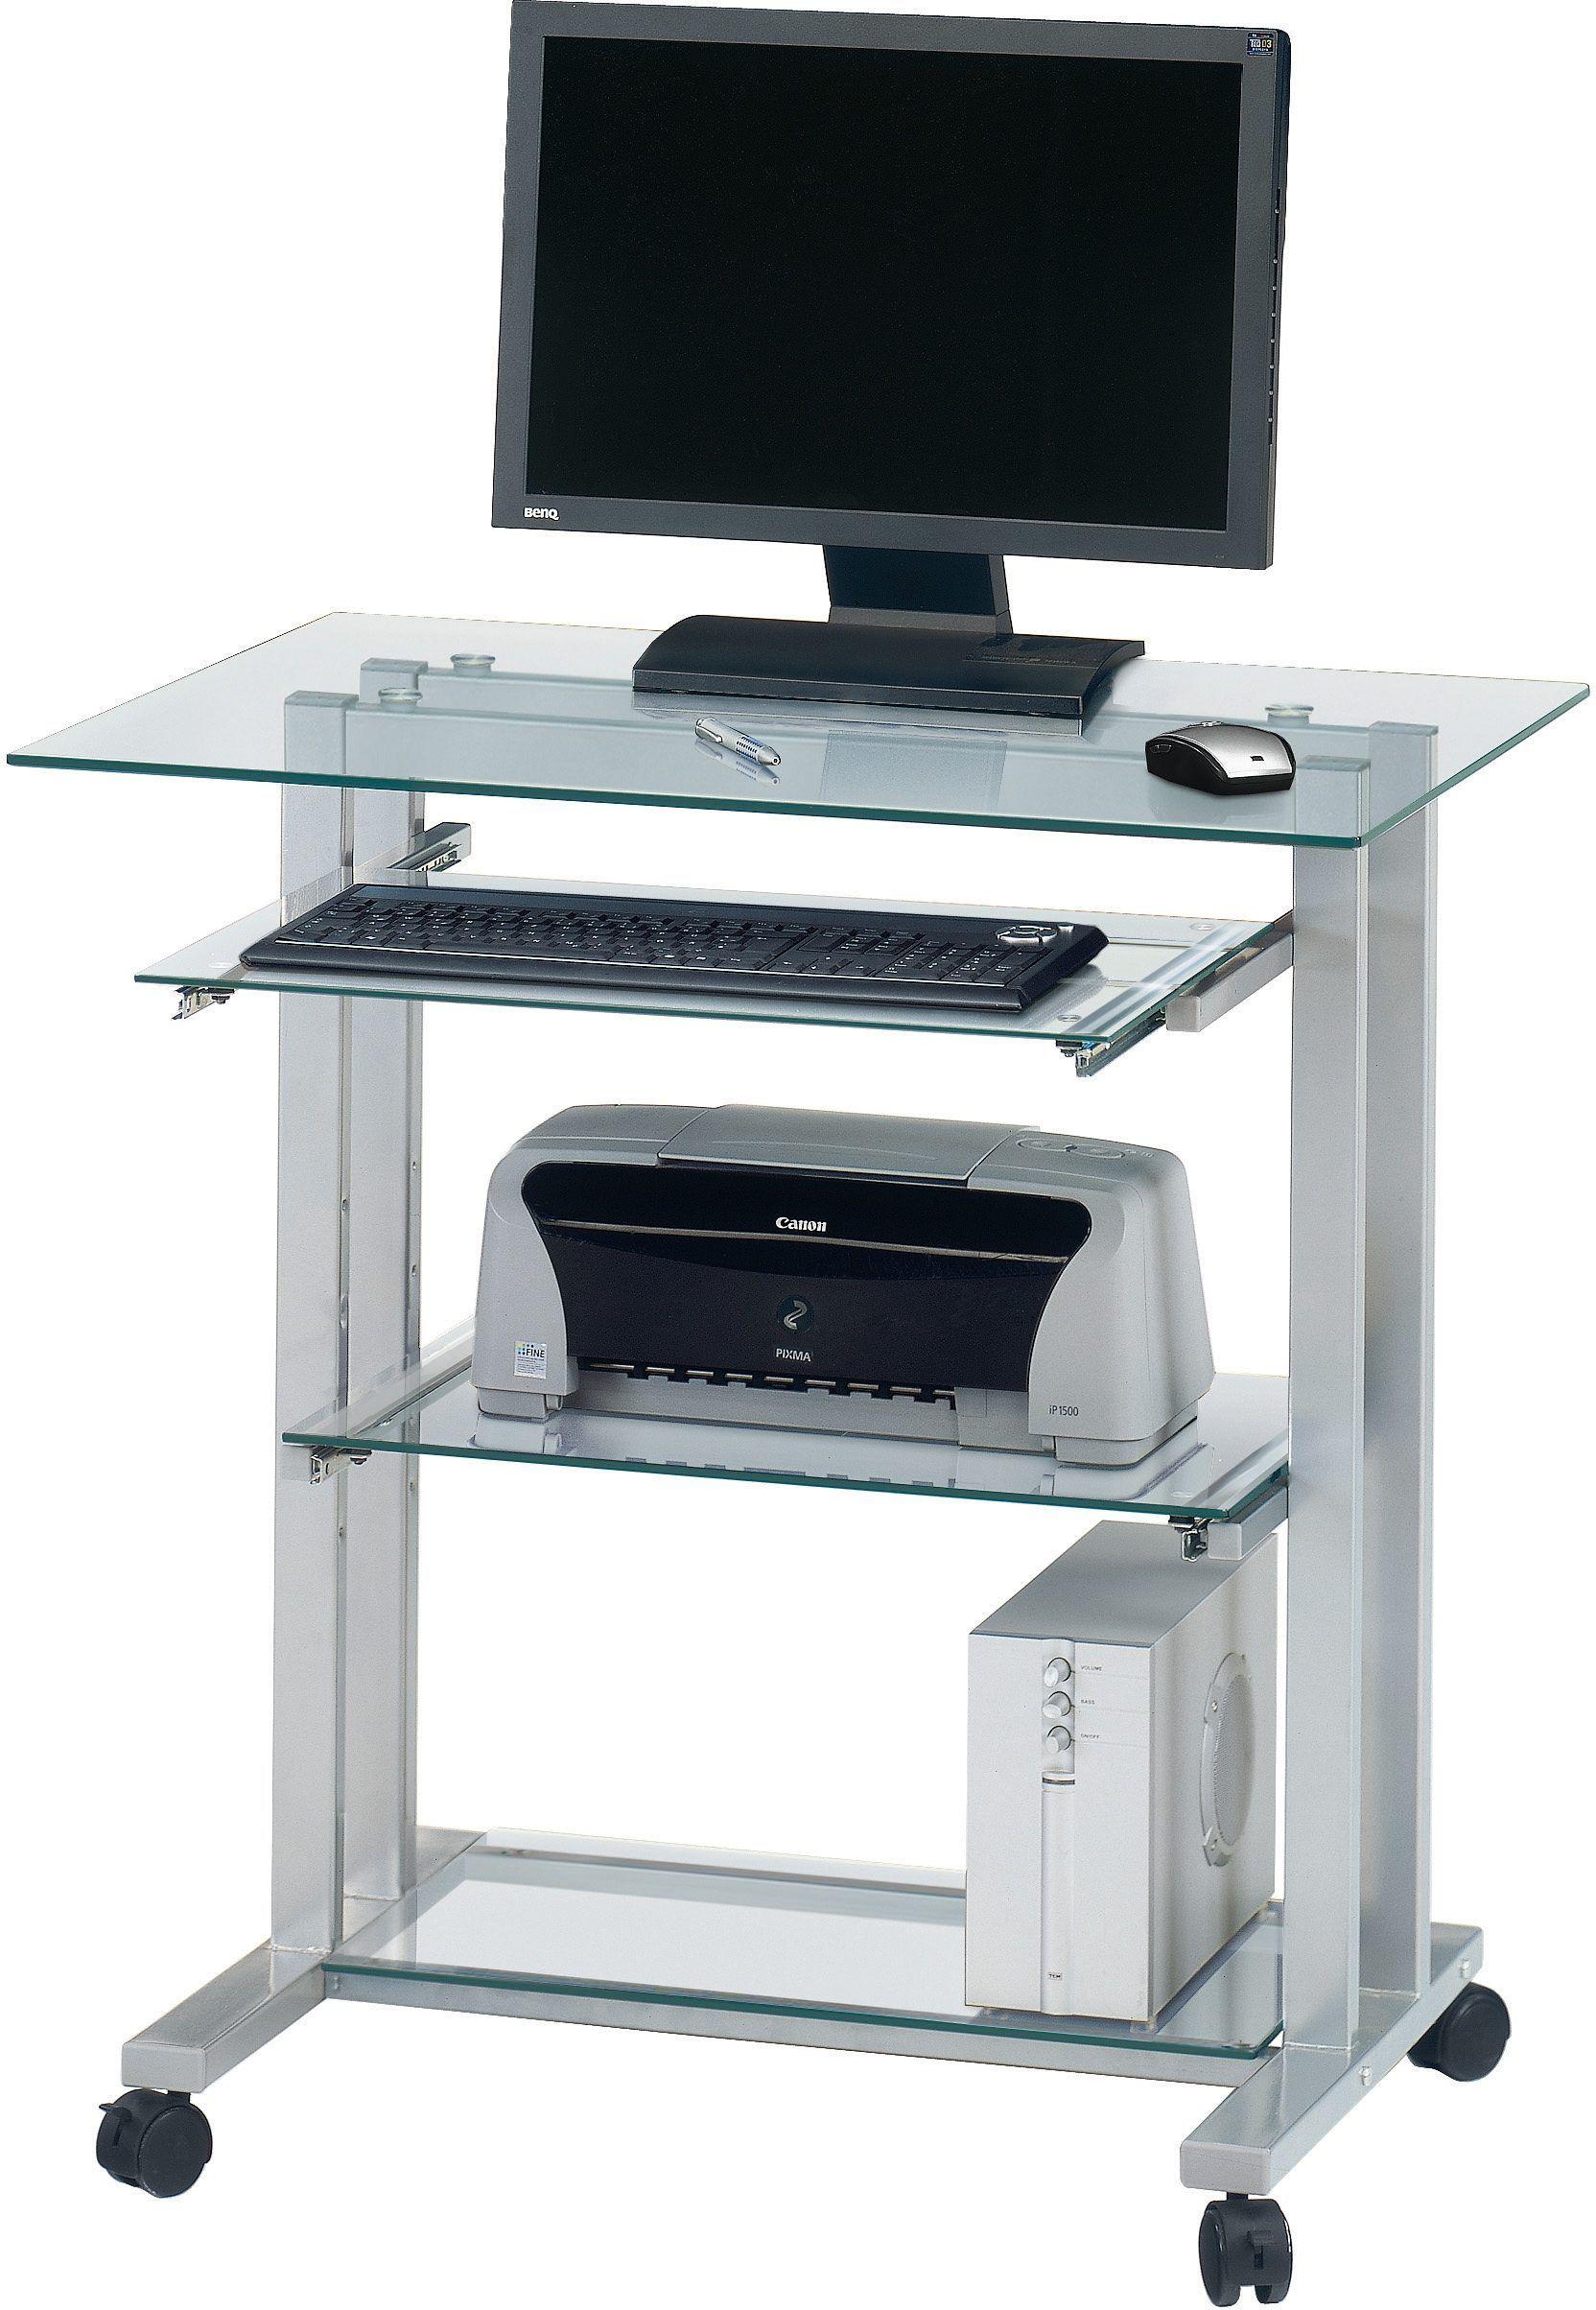 Jahnke Glastisch Grau PC R 12 Jetzt Bestellen Unter